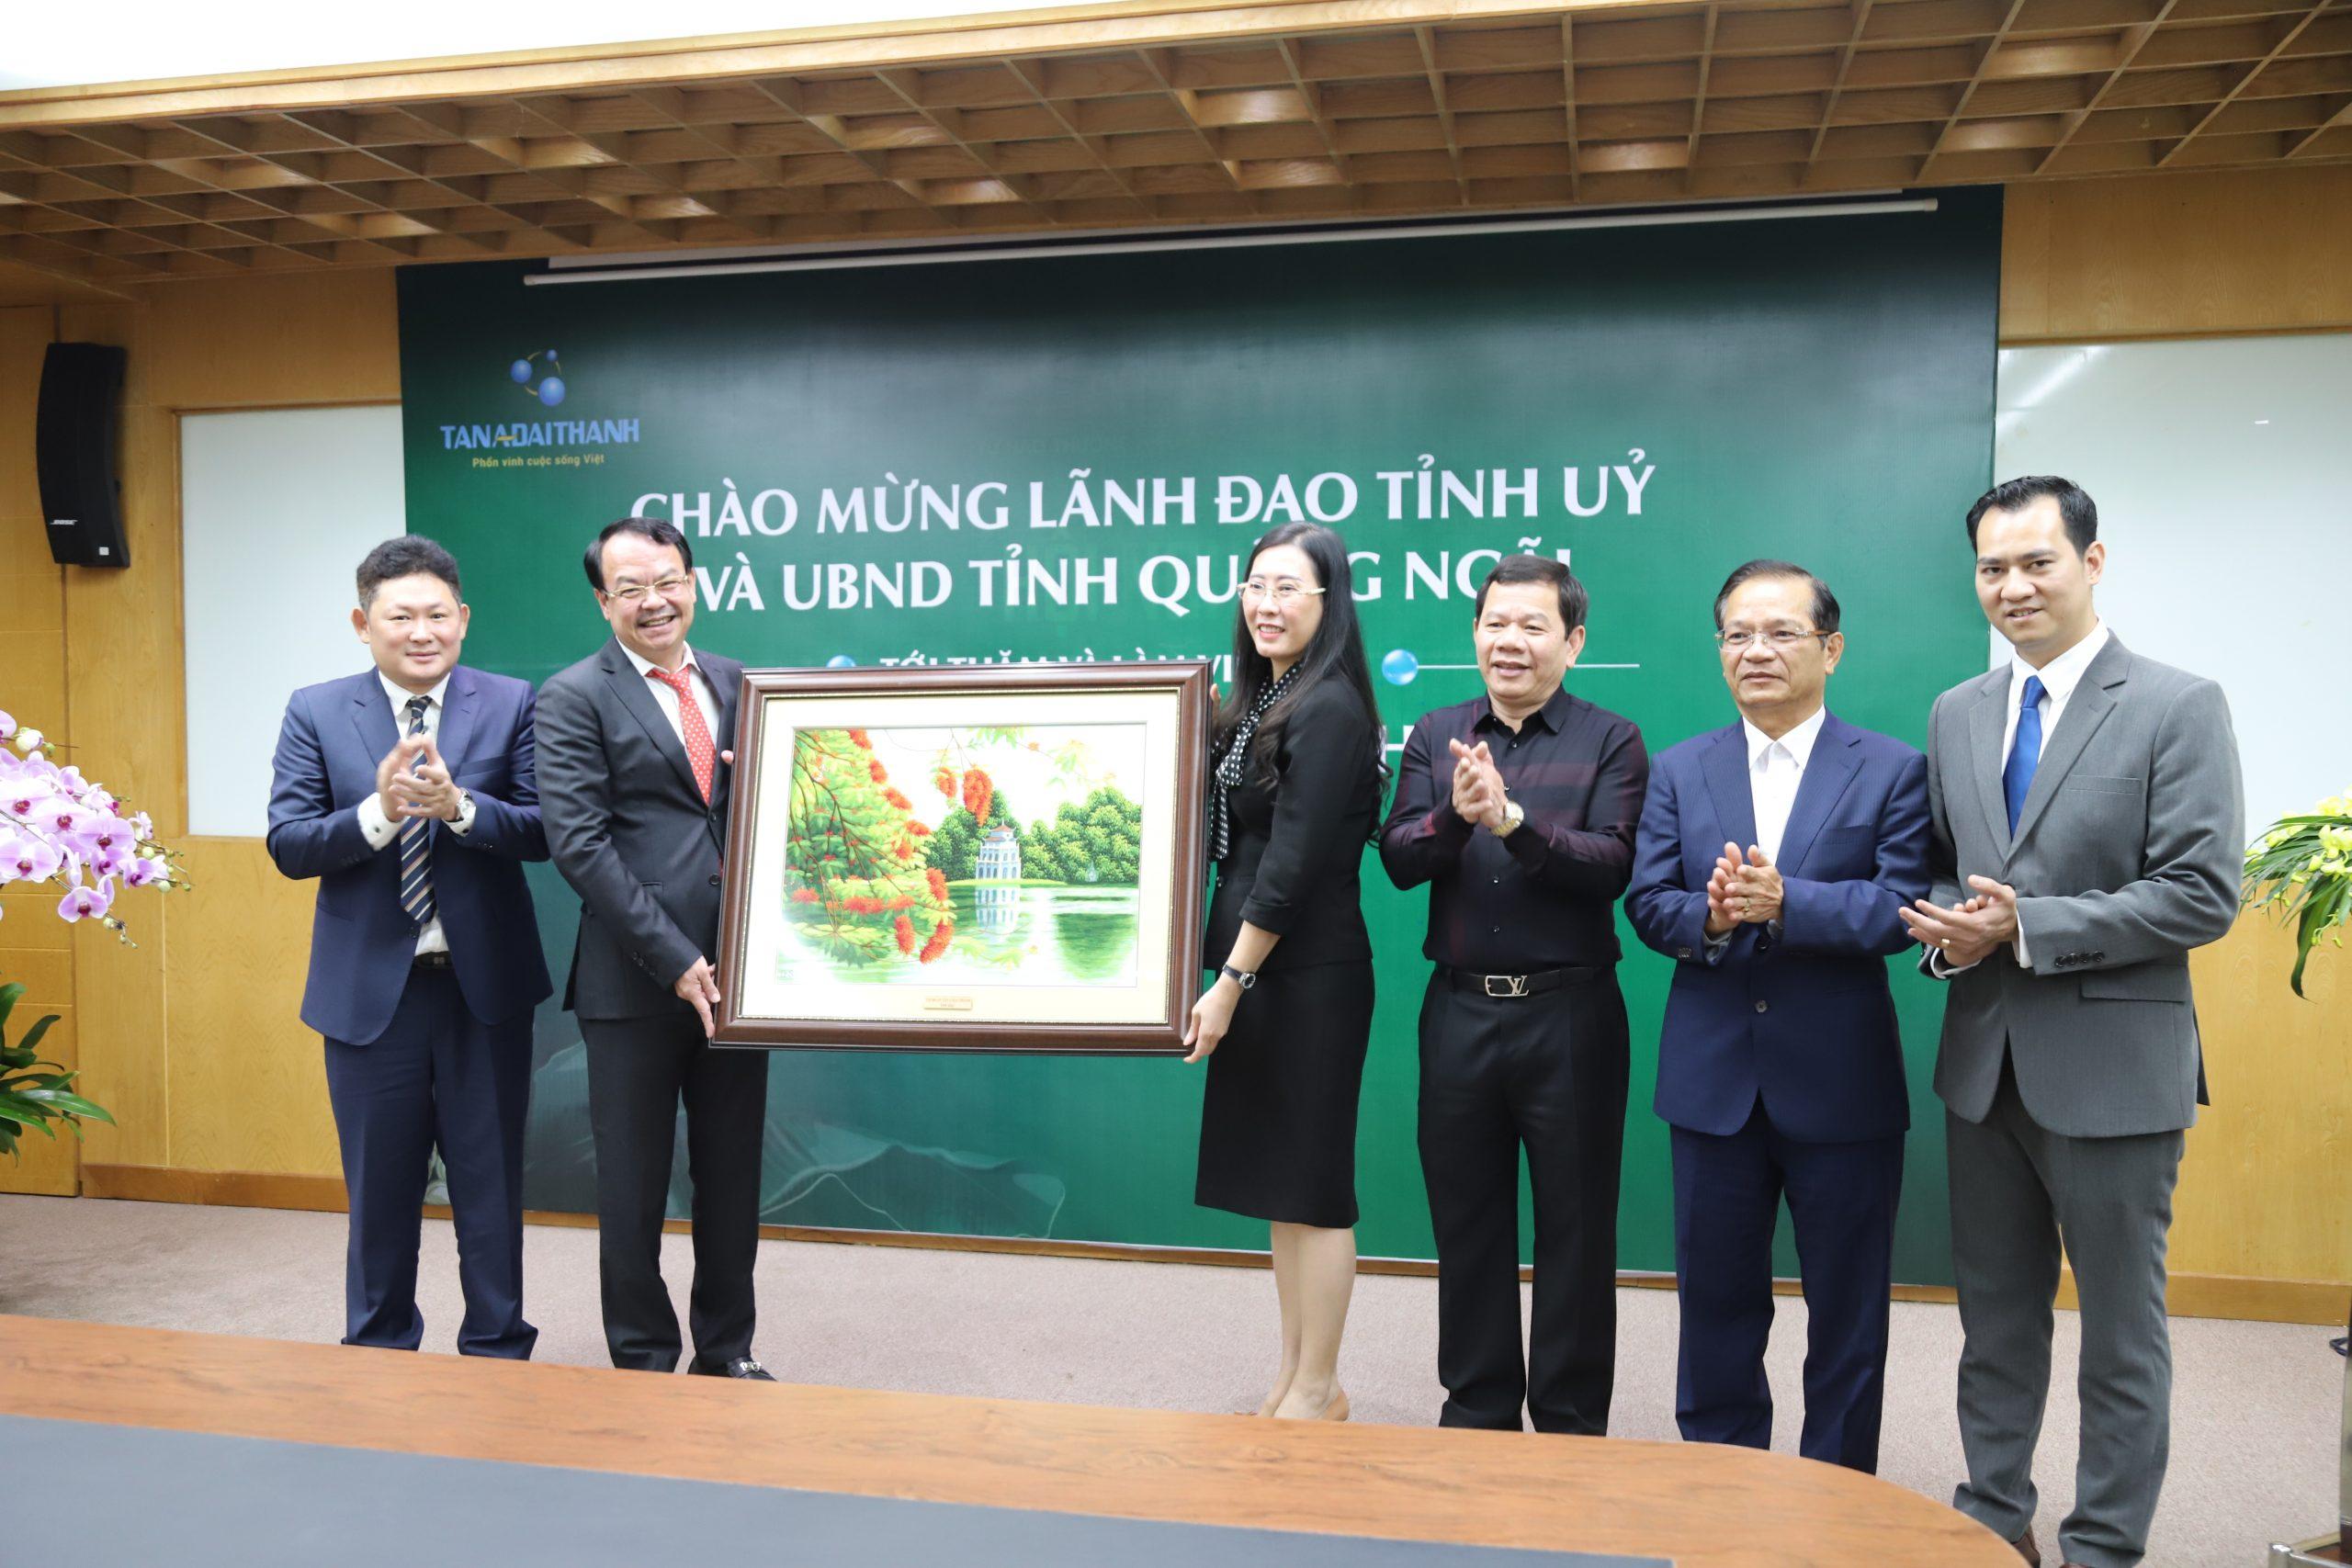 Quảng Ngãi cam kết tạo điều kiện thuận lợi nhất đón vốn đầu tư từ Tân Á Đại Thành